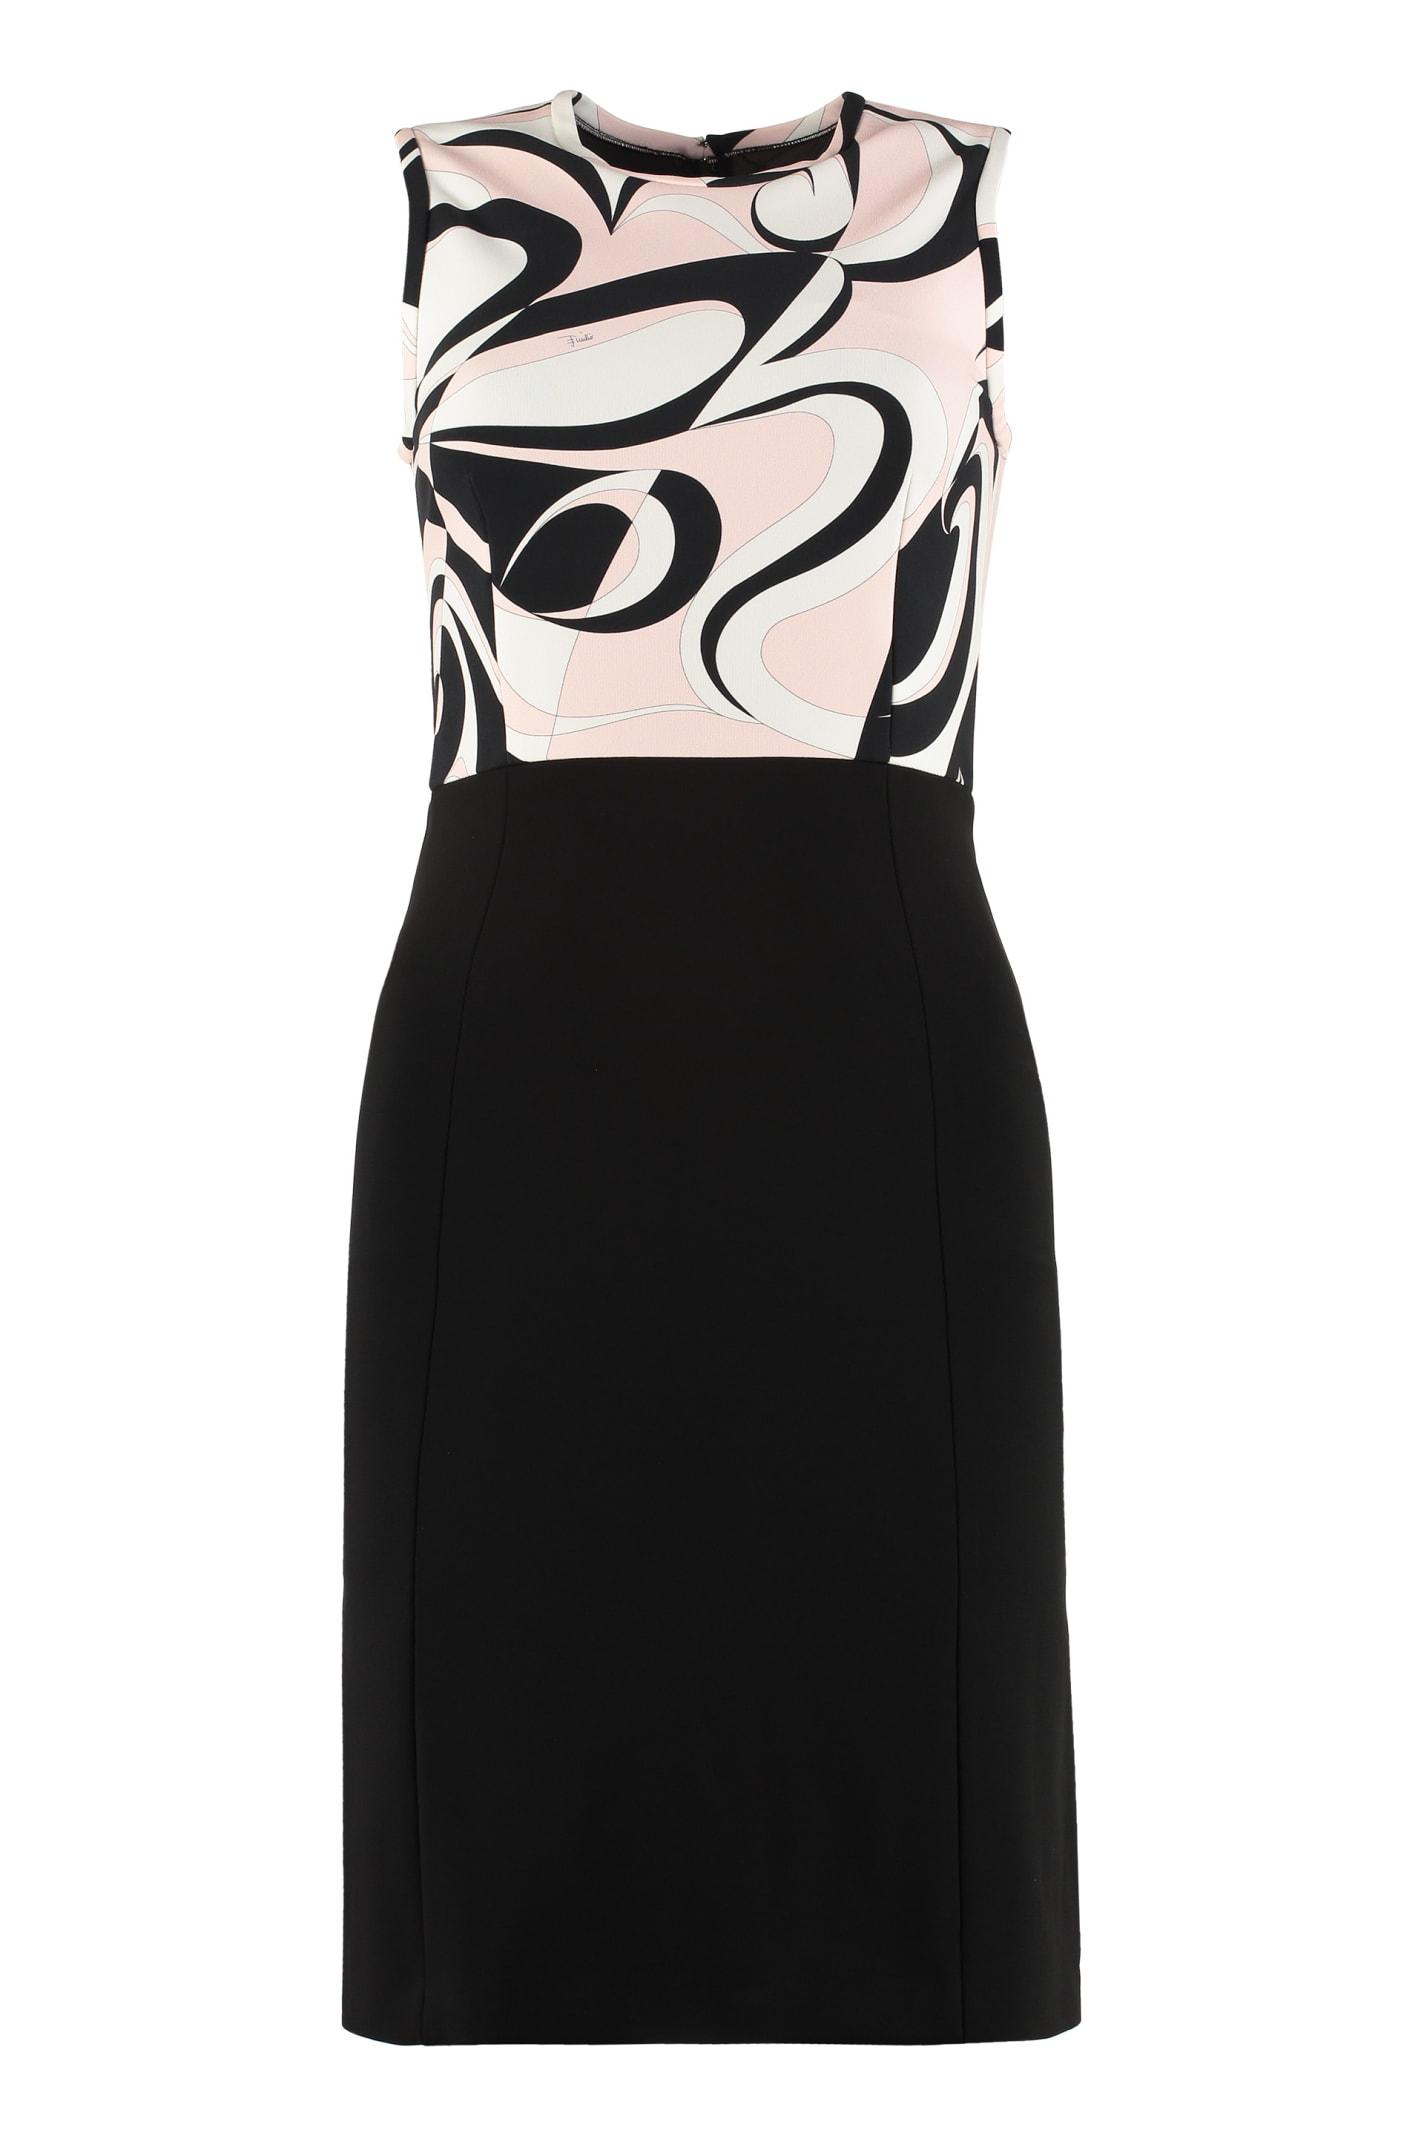 Emilio Pucci Midi Viscose Dress